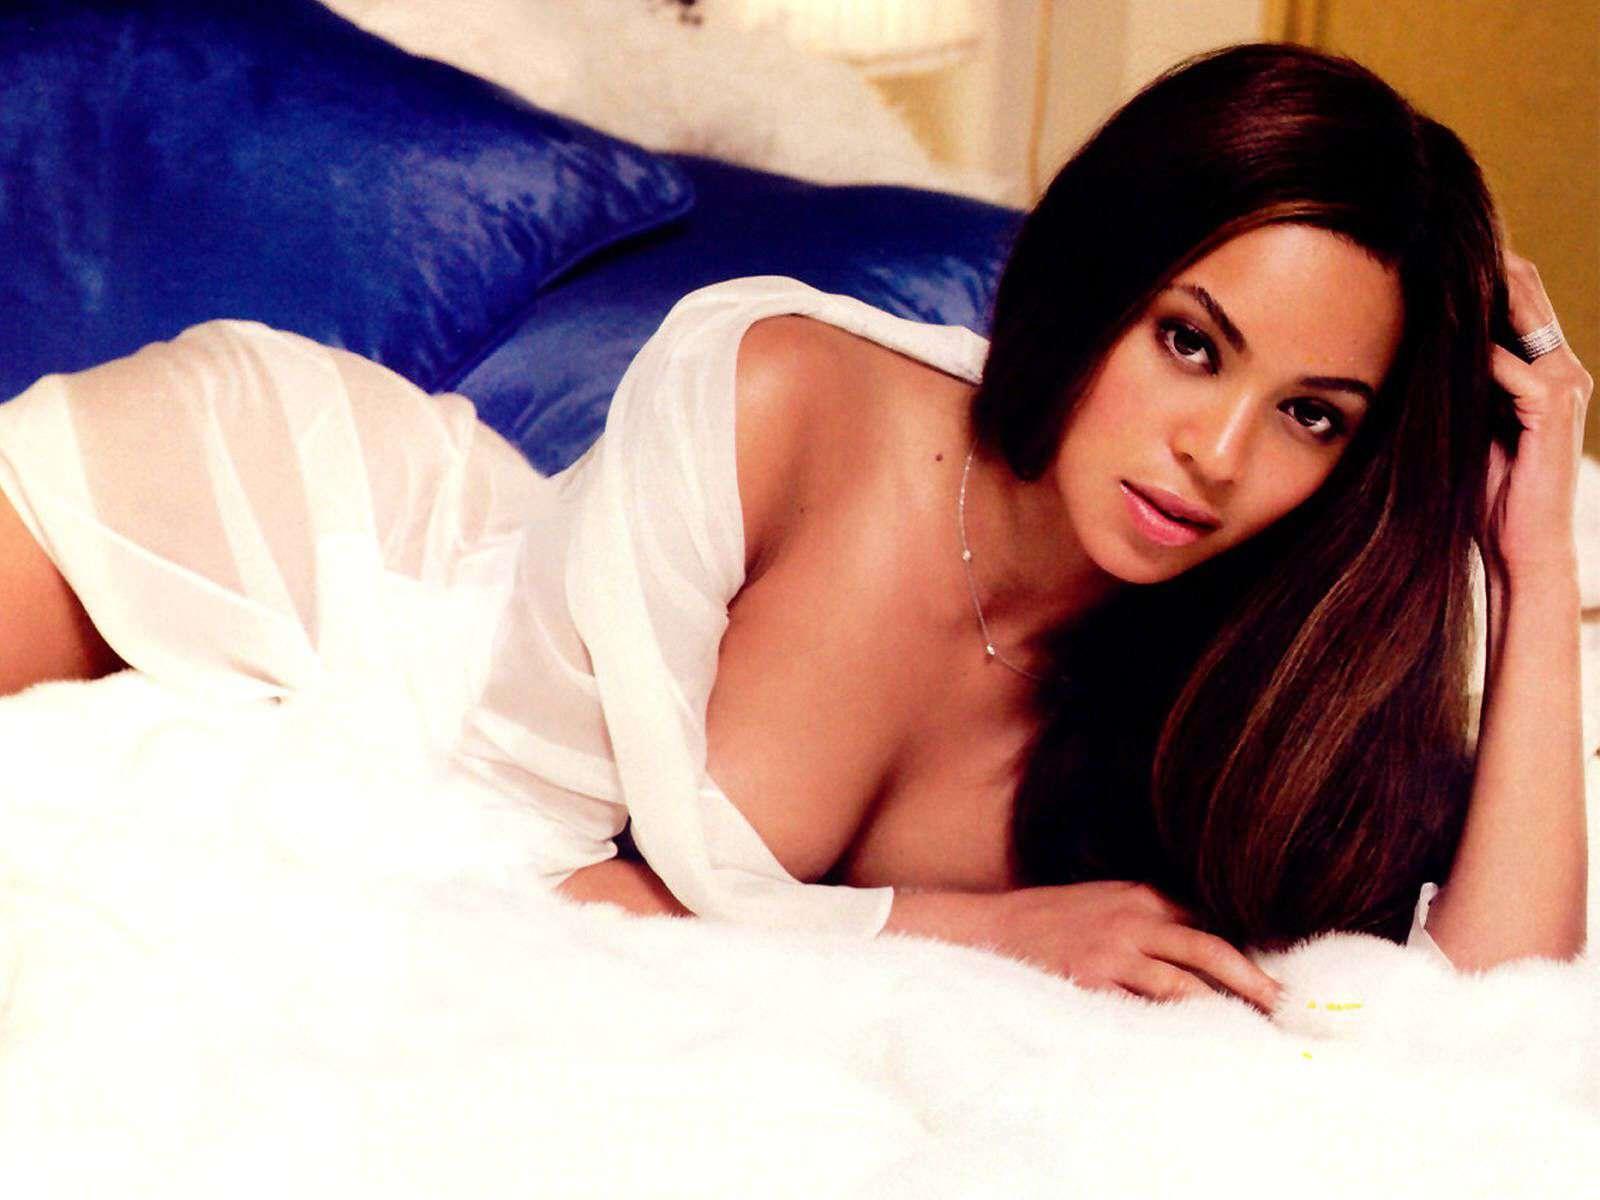 http://3.bp.blogspot.com/-8HdDMPOIXxM/TiRexLOM-PI/AAAAAAAAILQ/bL6XIbcTzSk/s1600/Beyonce+-Knowles+-04.jpg